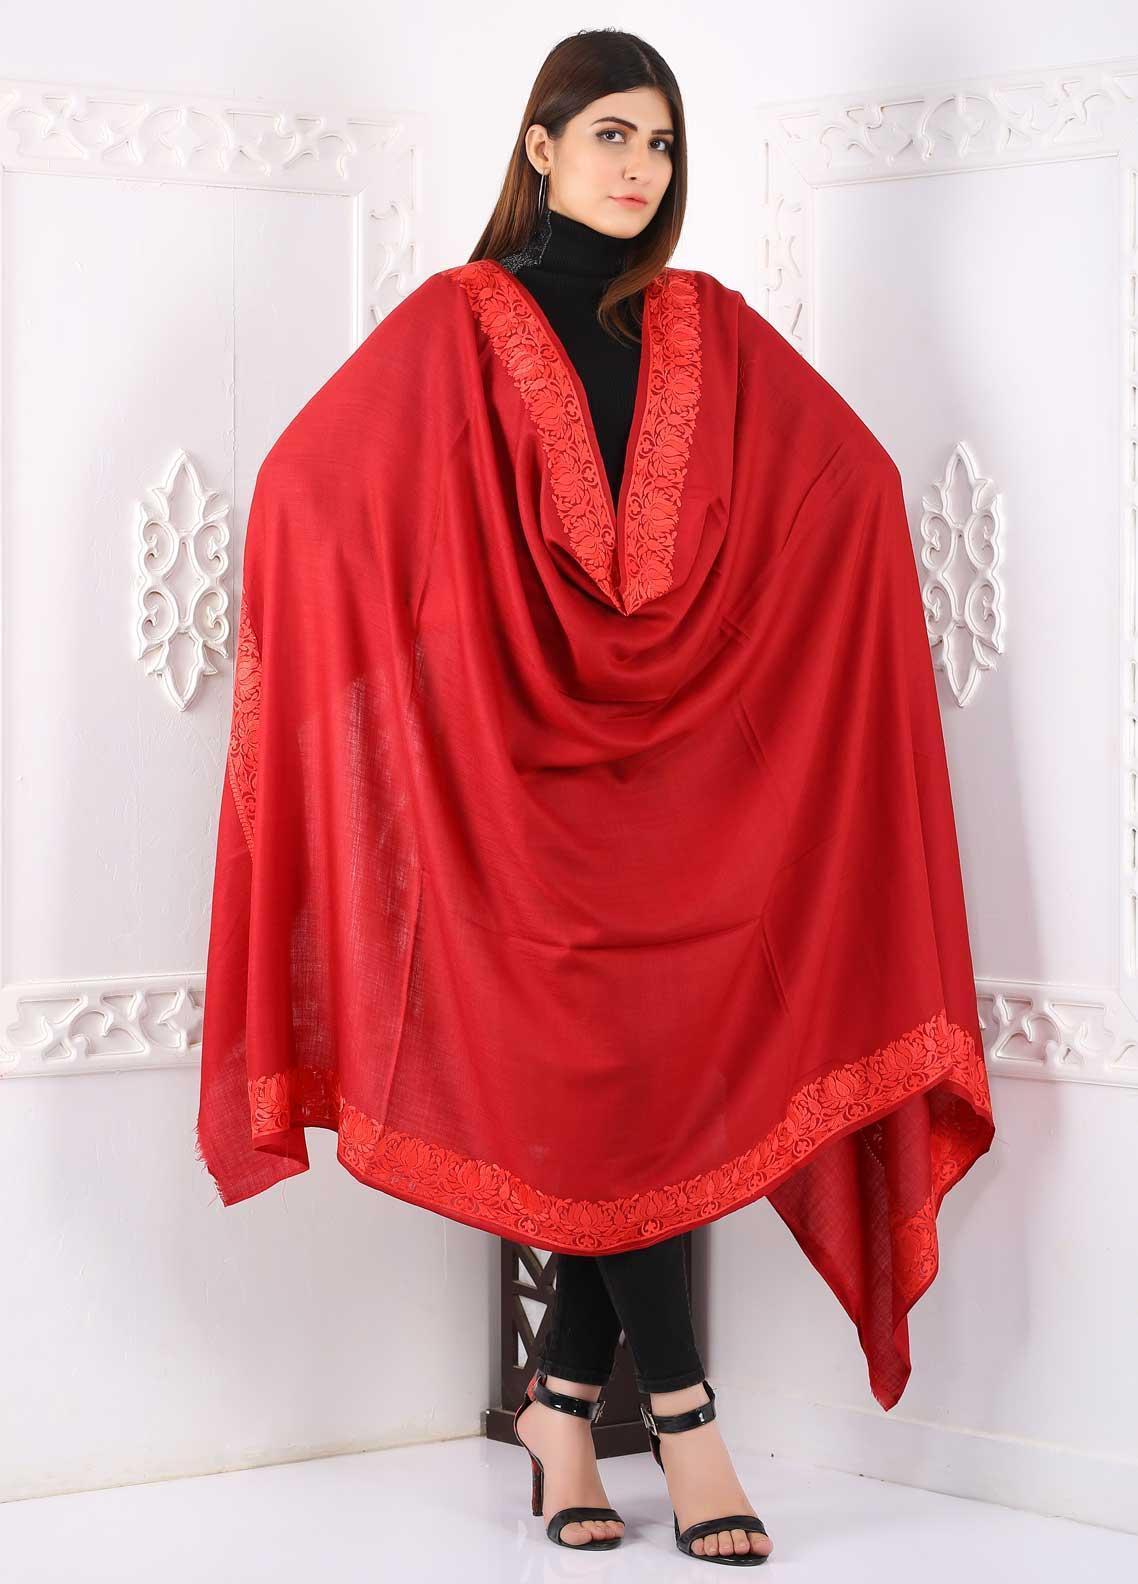 Sanaulla Exclusive Range Embroidered Pashmina  Shawl Shawl 323485 - Pashmina Shawls